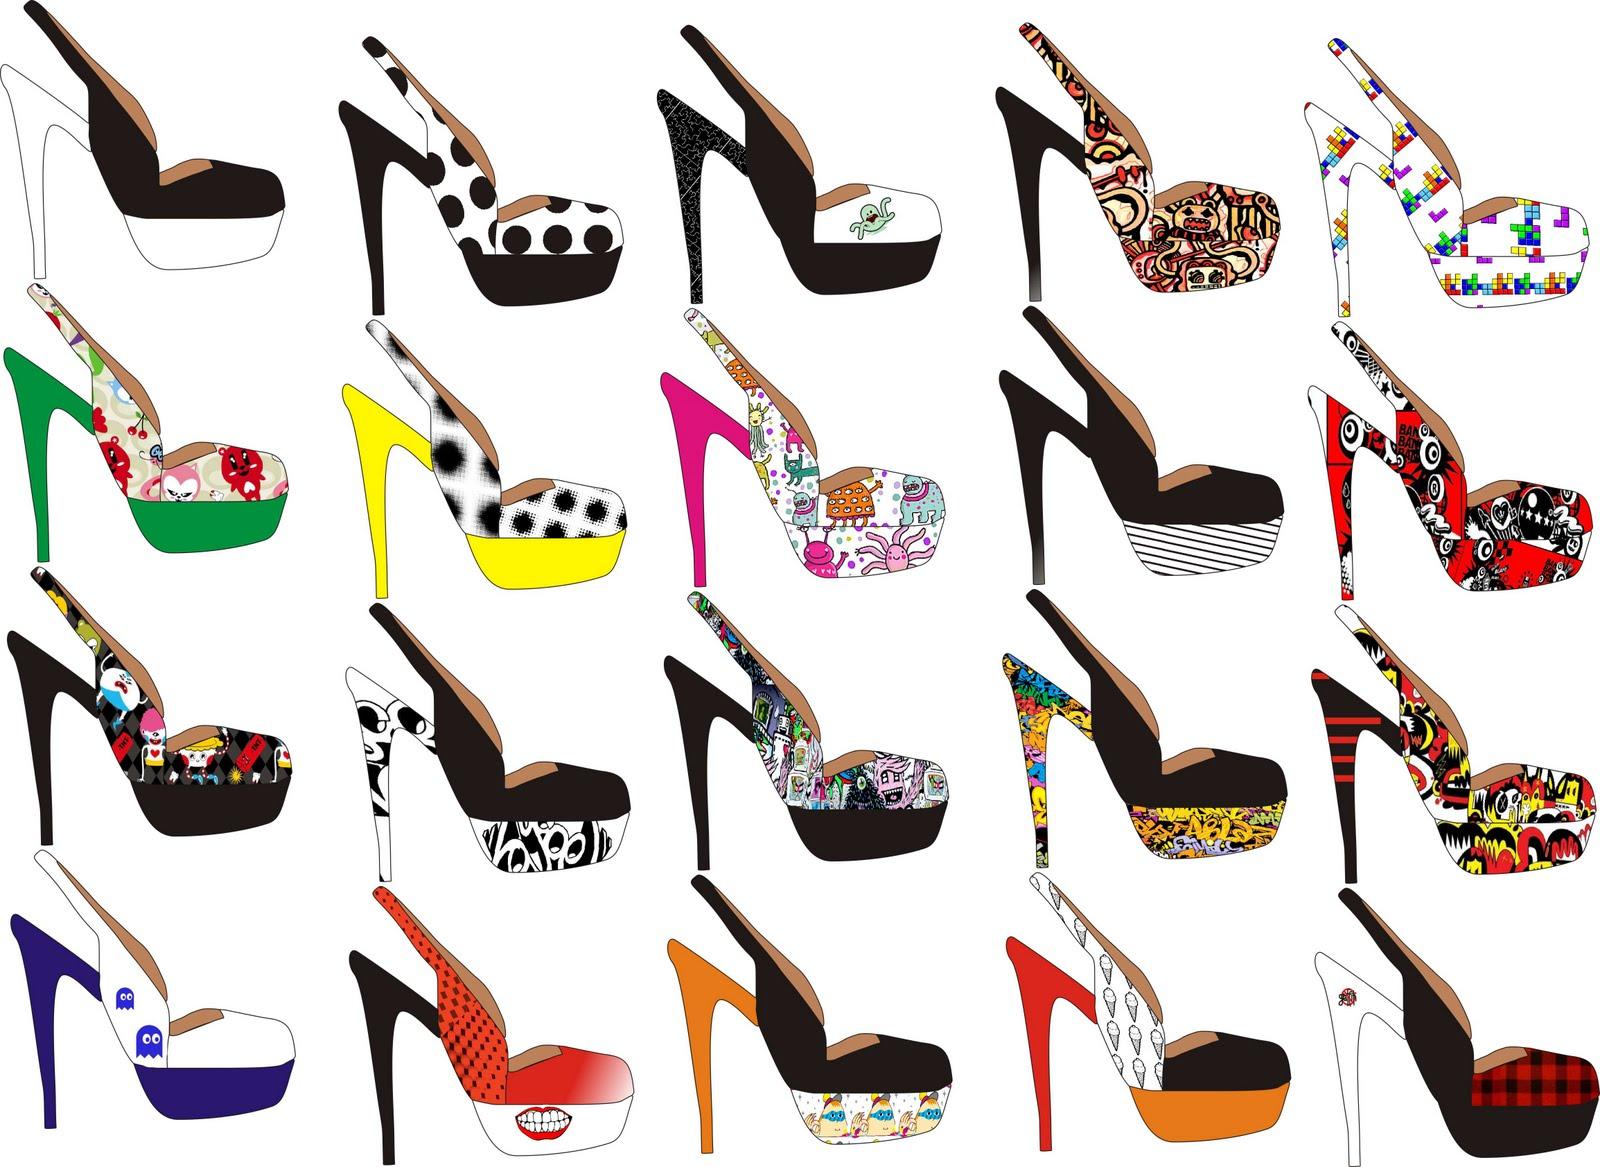 Guadalupe orellana fashionblog dise o de calzado for Diseno de zapatos